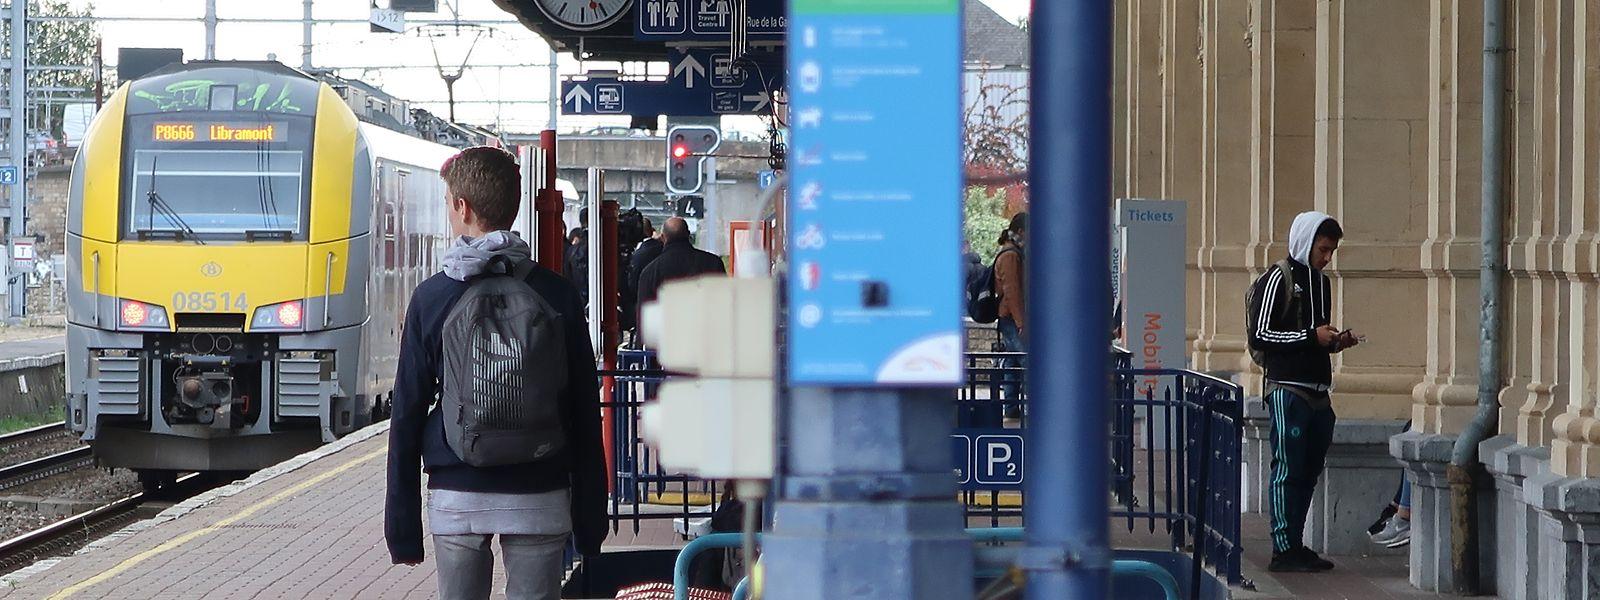 Gare d'Arlon. L'abonnement mensuel va passer de 93,50 euros à 80 euros pour les frontaliers belges qui se rendront au Grand-Duché à compter du 1er décembre 2017.